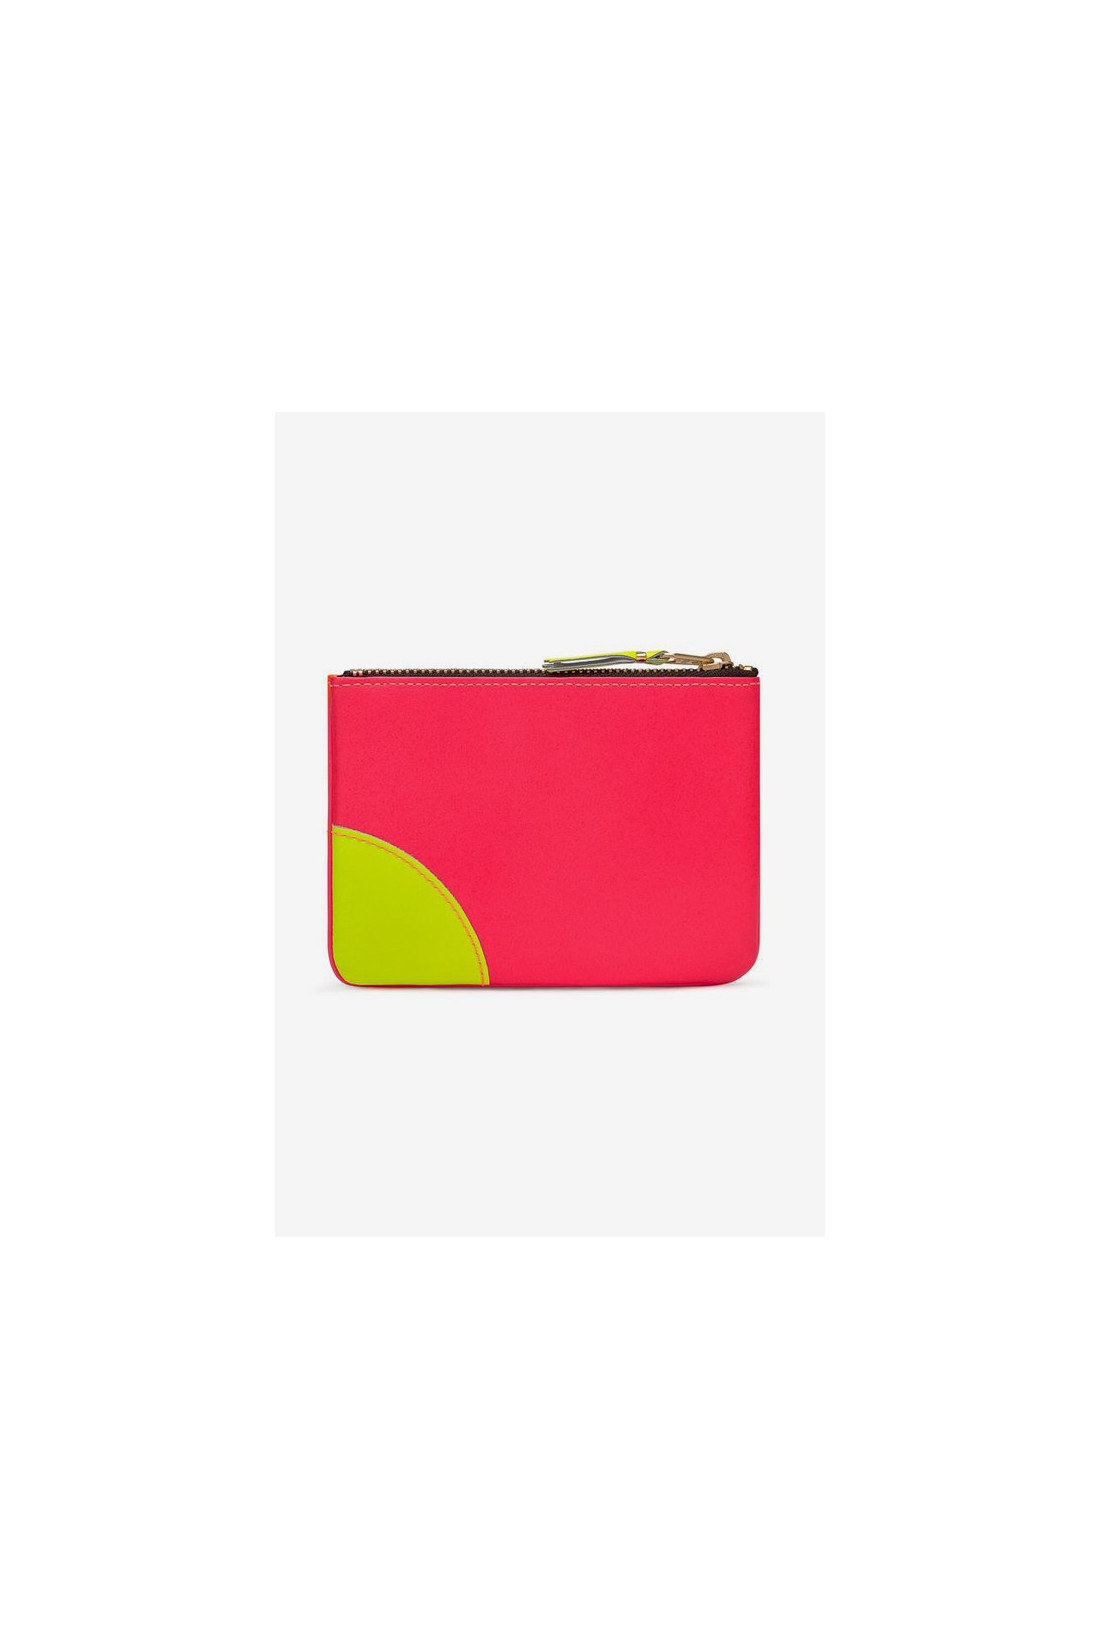 COMME DES GARÇONS WALLETS / Cdg super fluo sa8100sf Orange pink